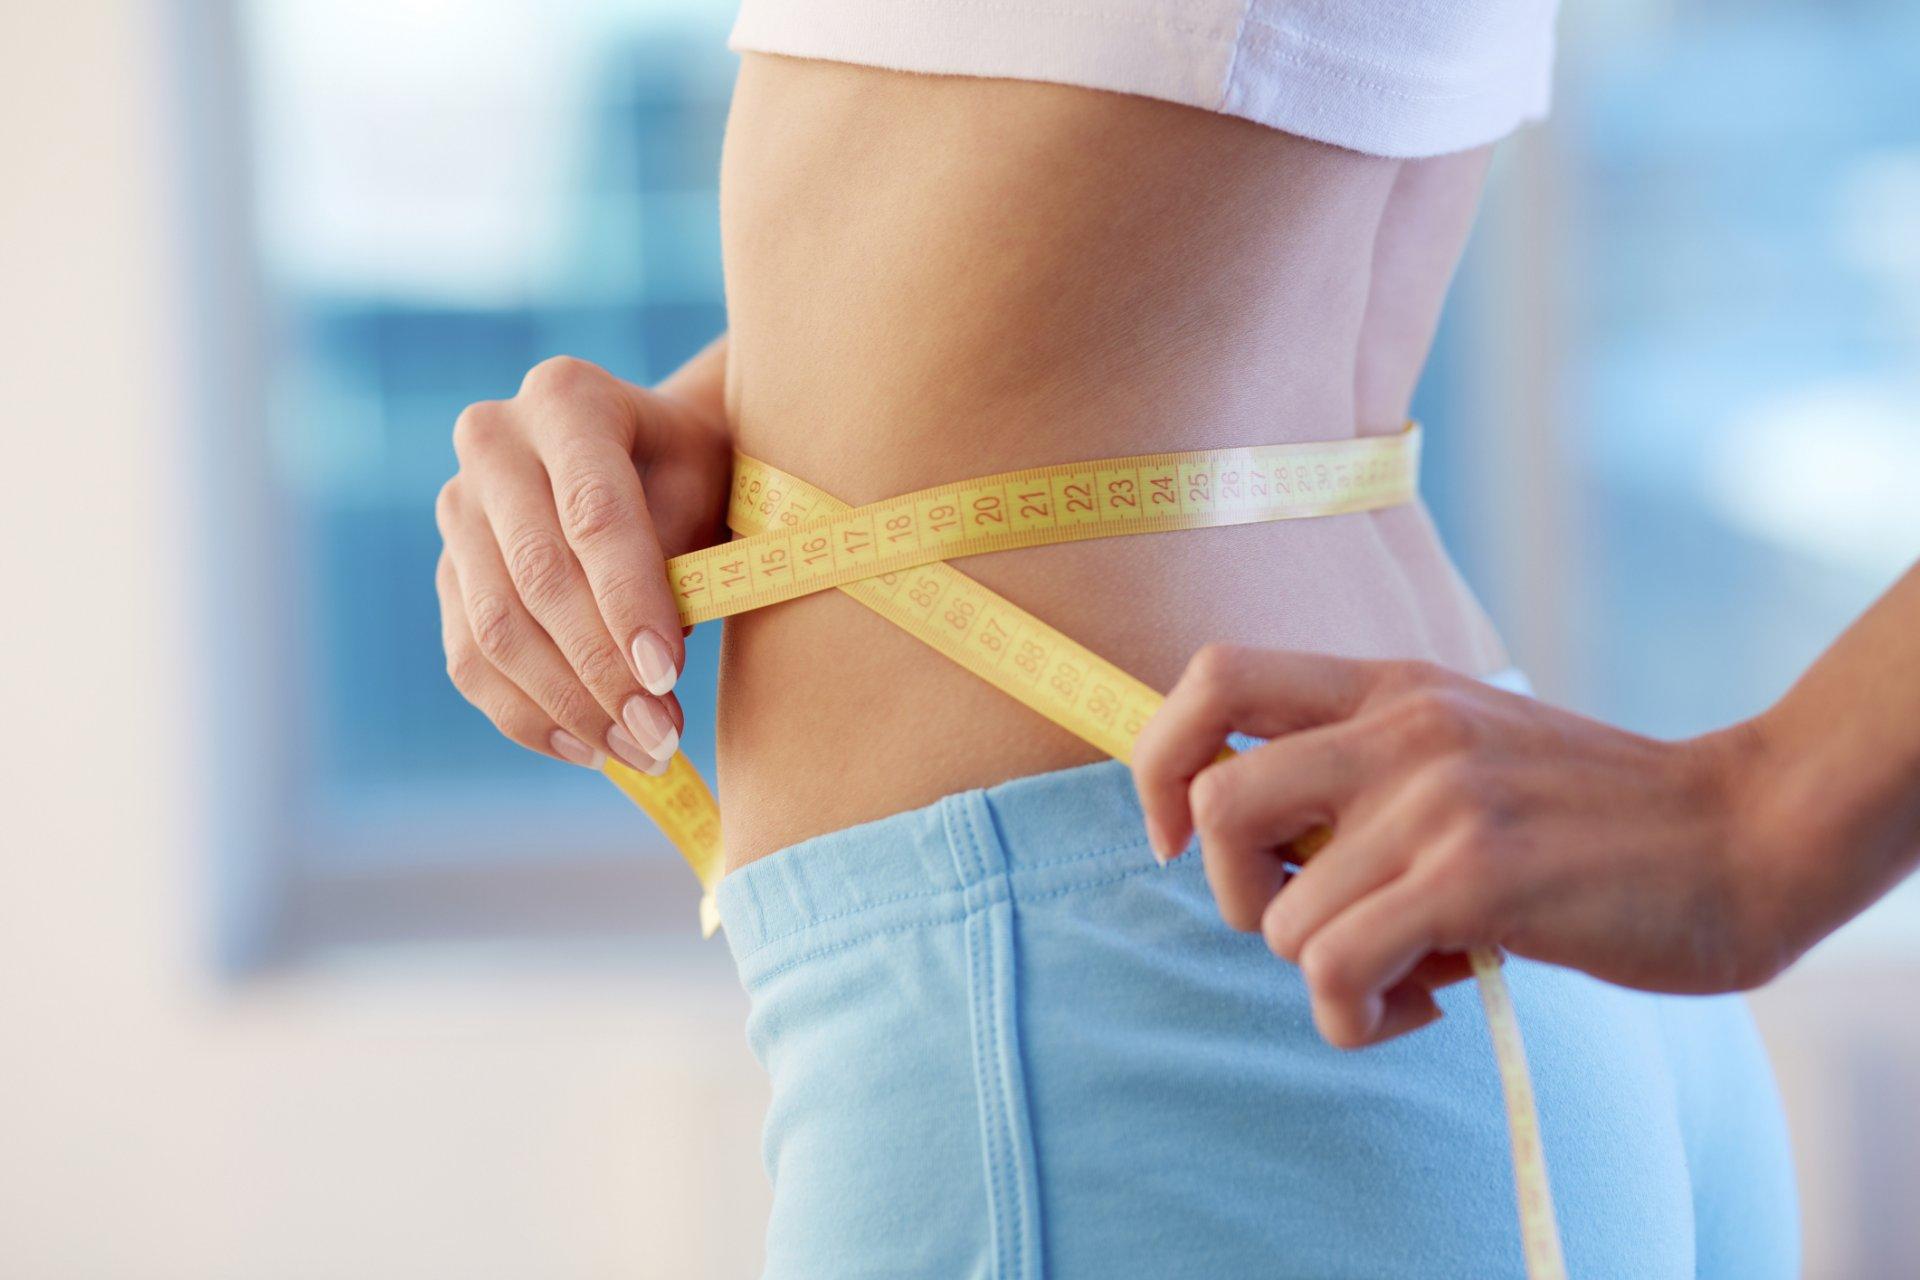 Хоолны дэглэм, дасгал хөдөлгөөнгүйгээр турах 11 АРГА